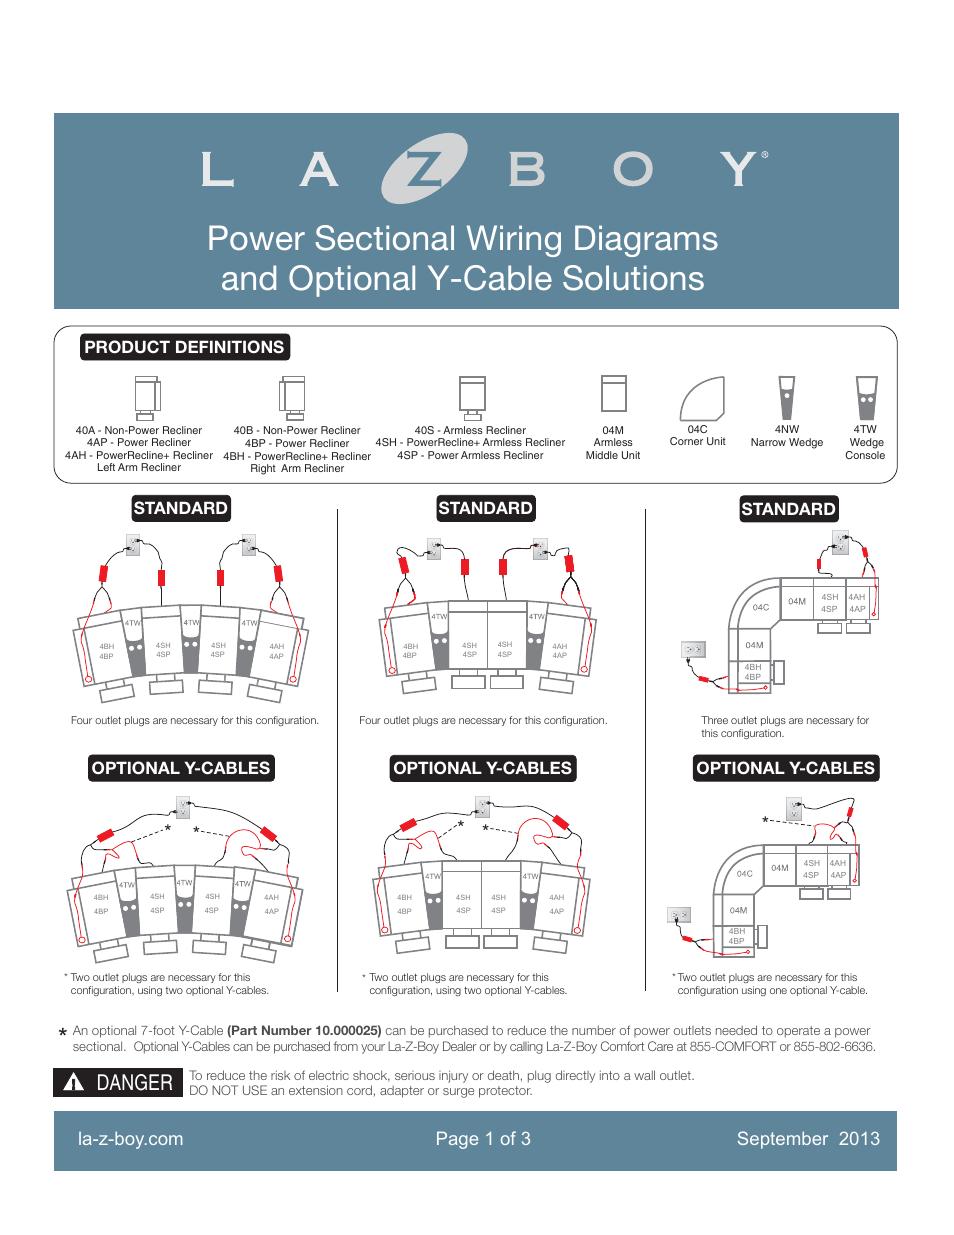 La Z Boy La Z Time Powerrecline Sectional Optional Wiring